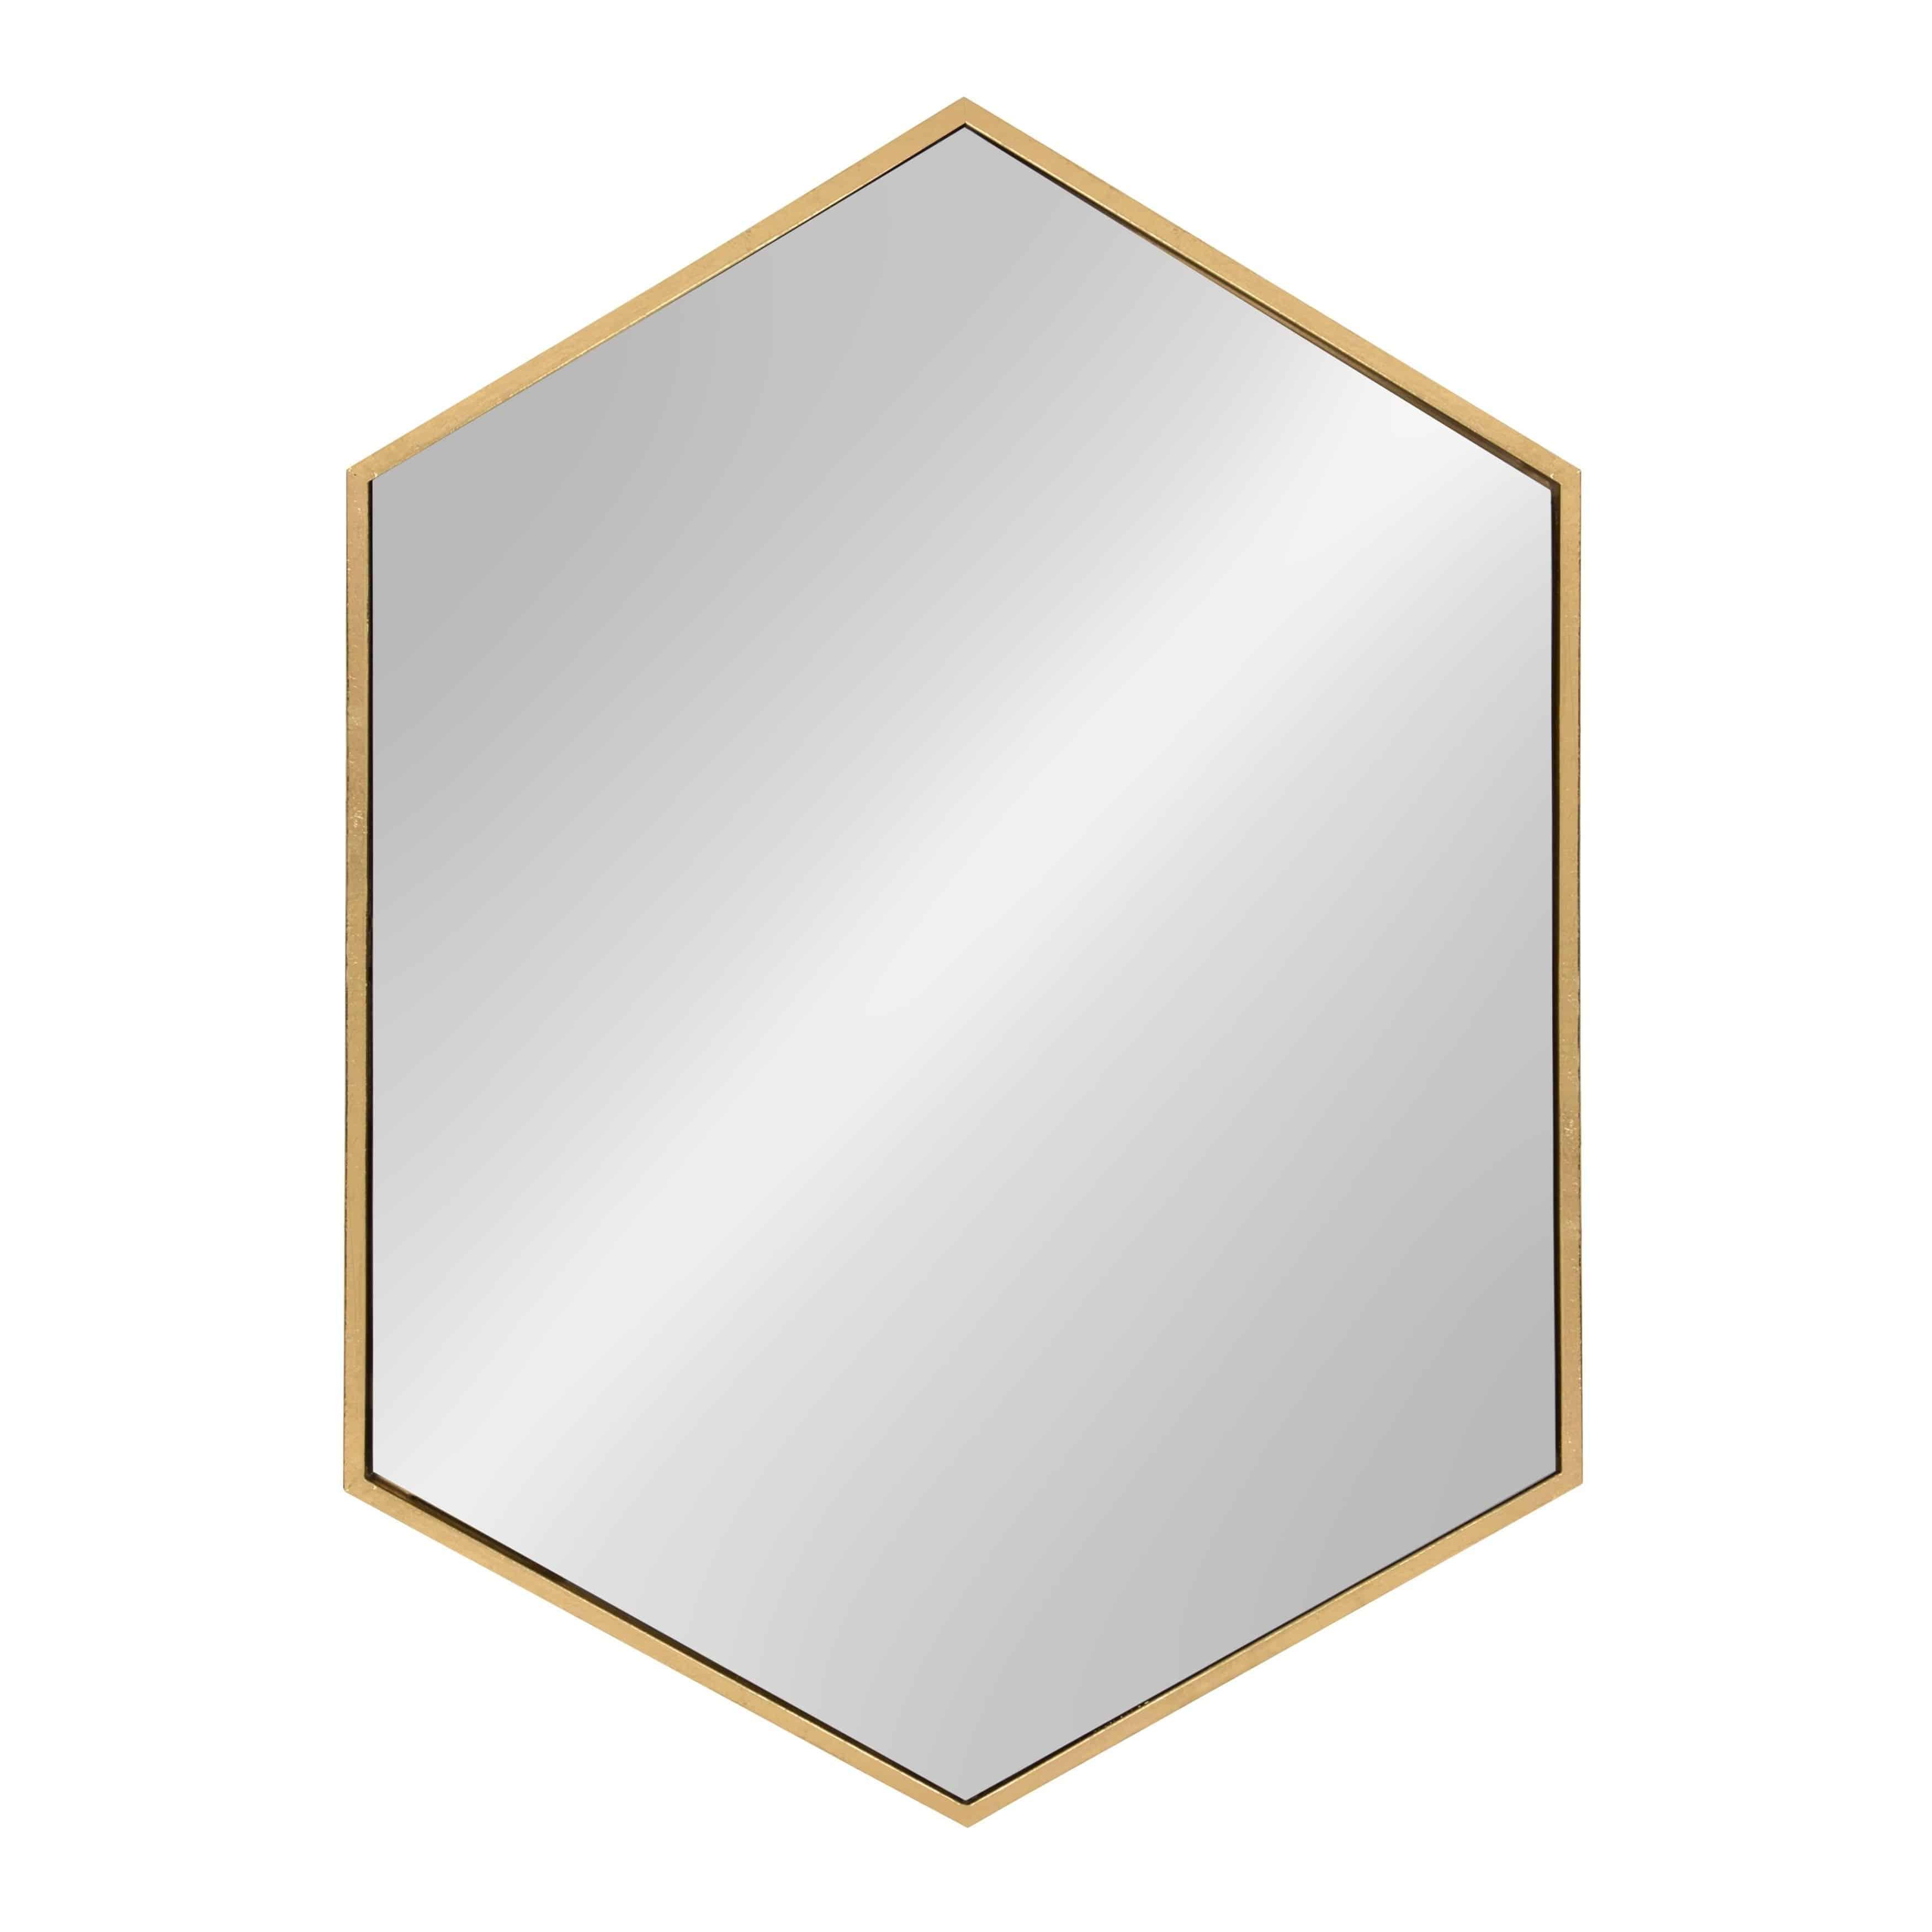 Kate-and-Laurel-McNeer-Large-Hexagon-Metal-Wall-Mirro